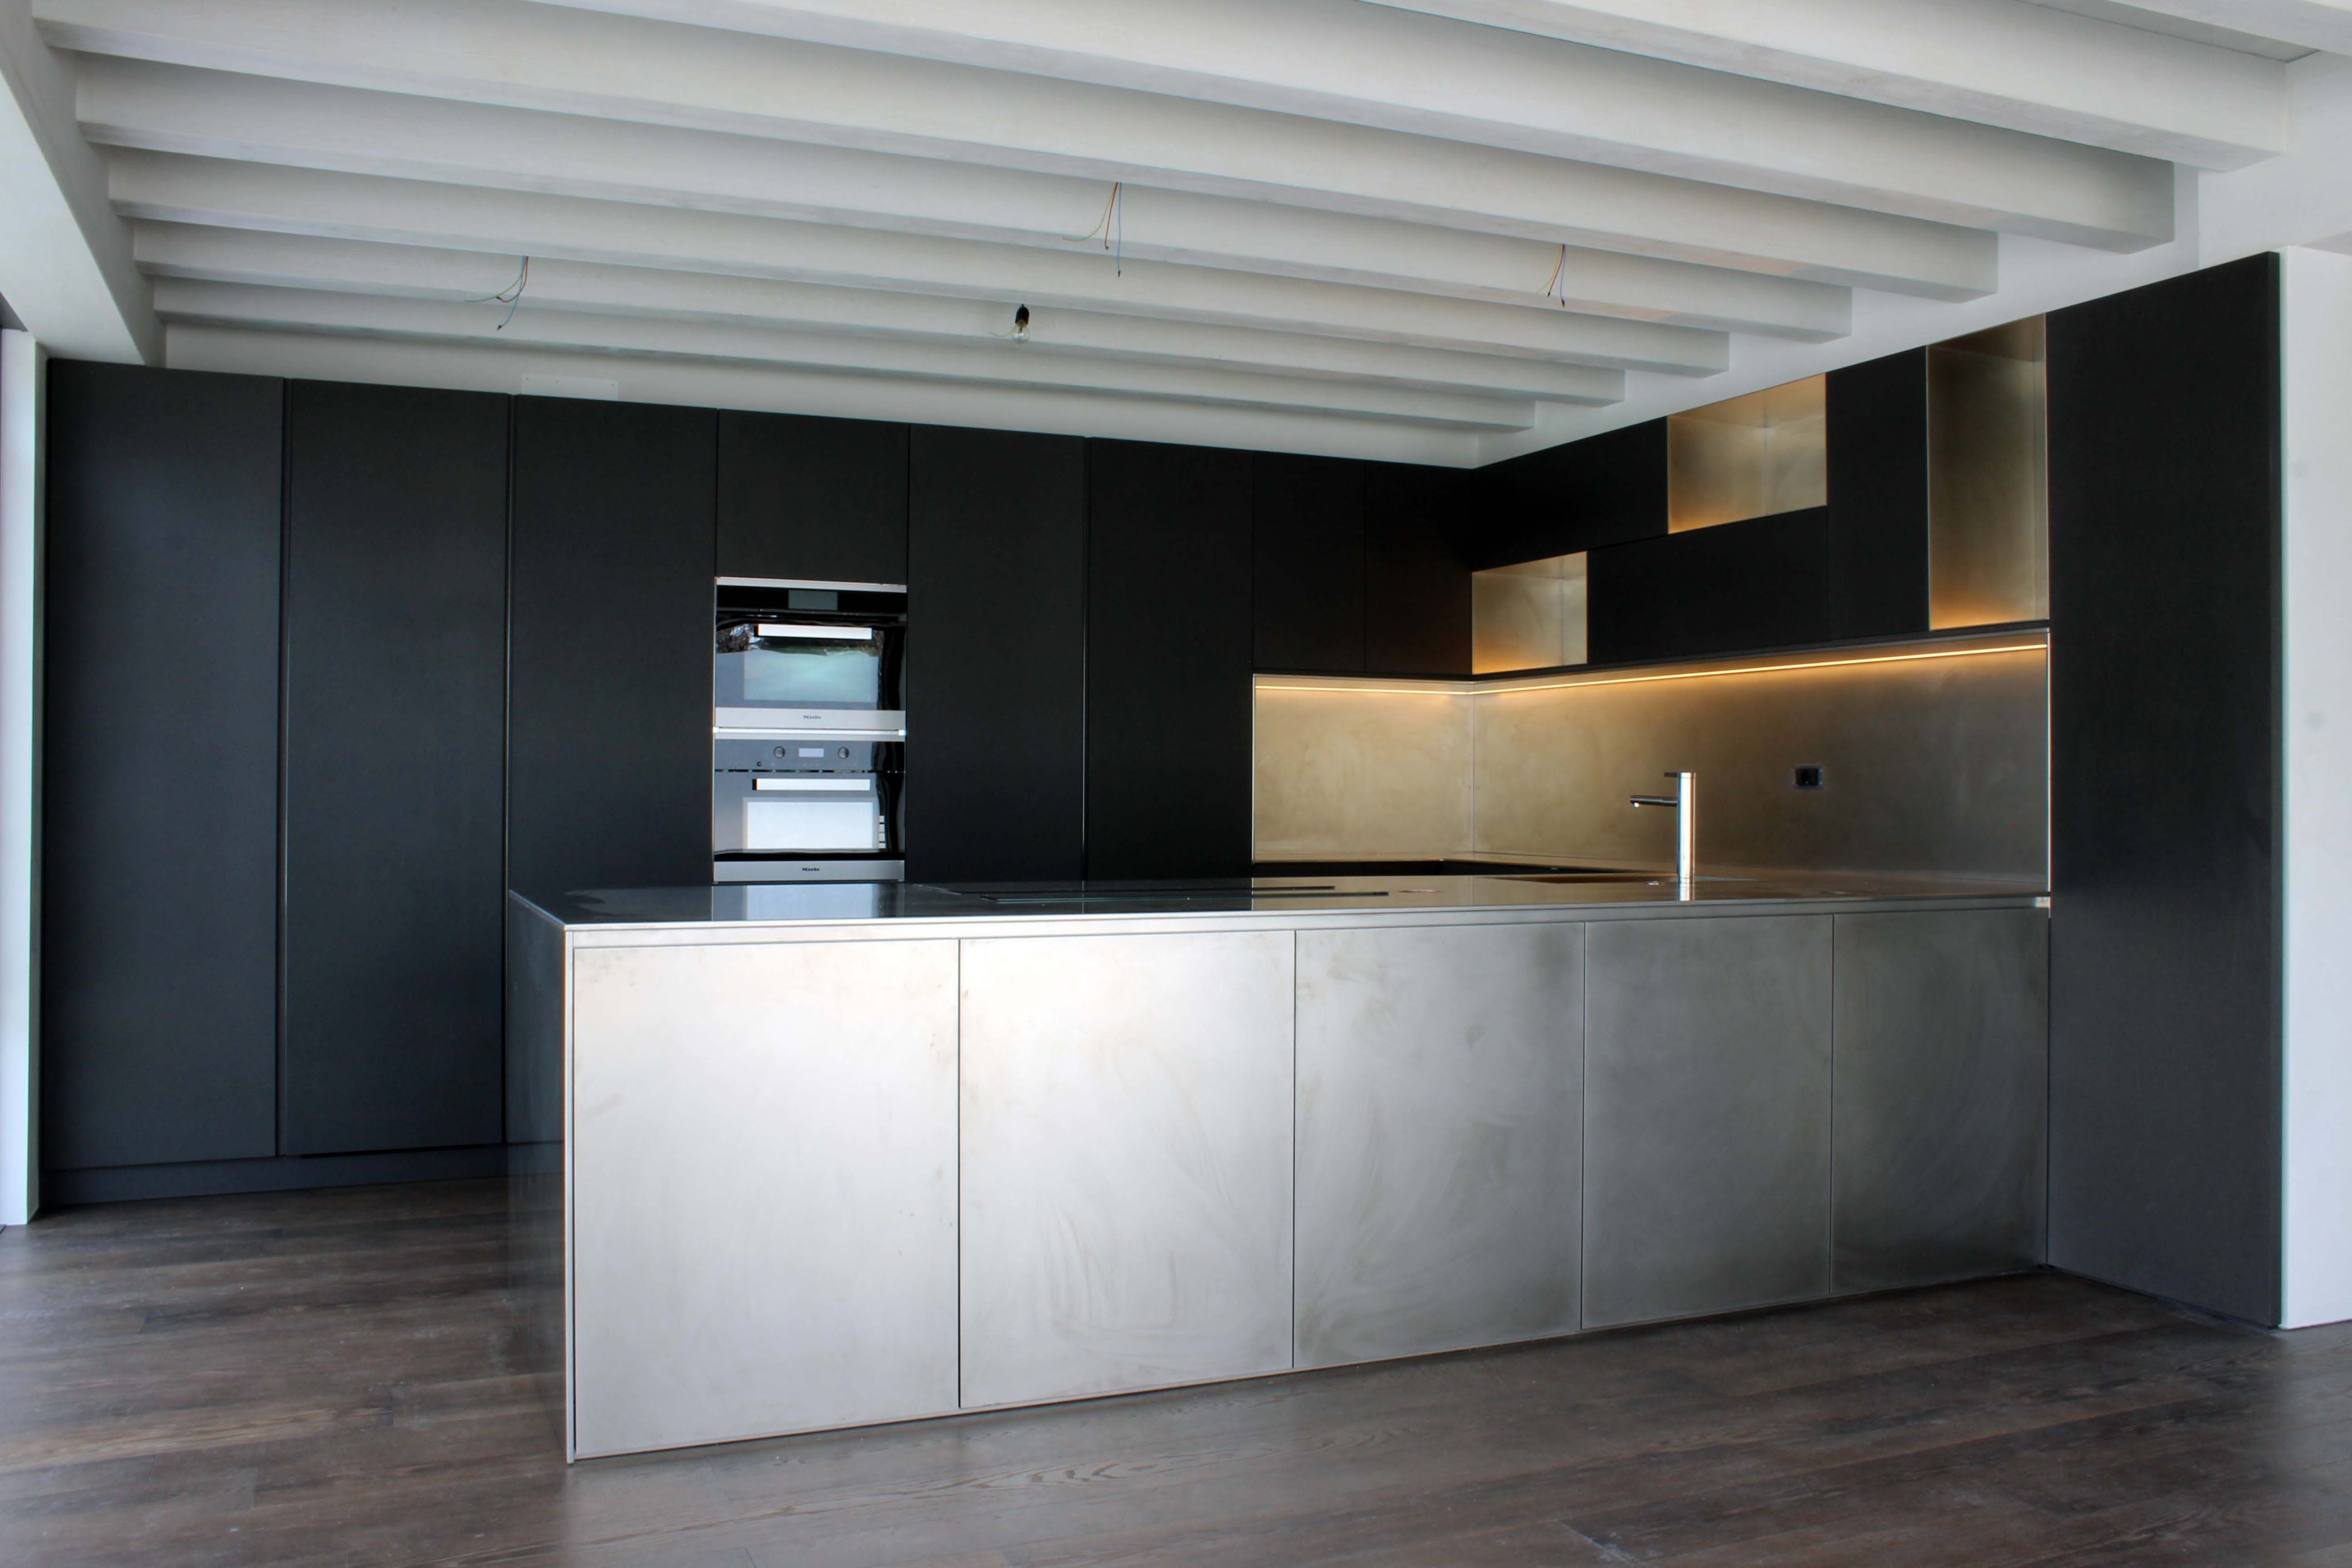 Dimostrazione Cucina su misura acciaio e valchromat design by Luca ...